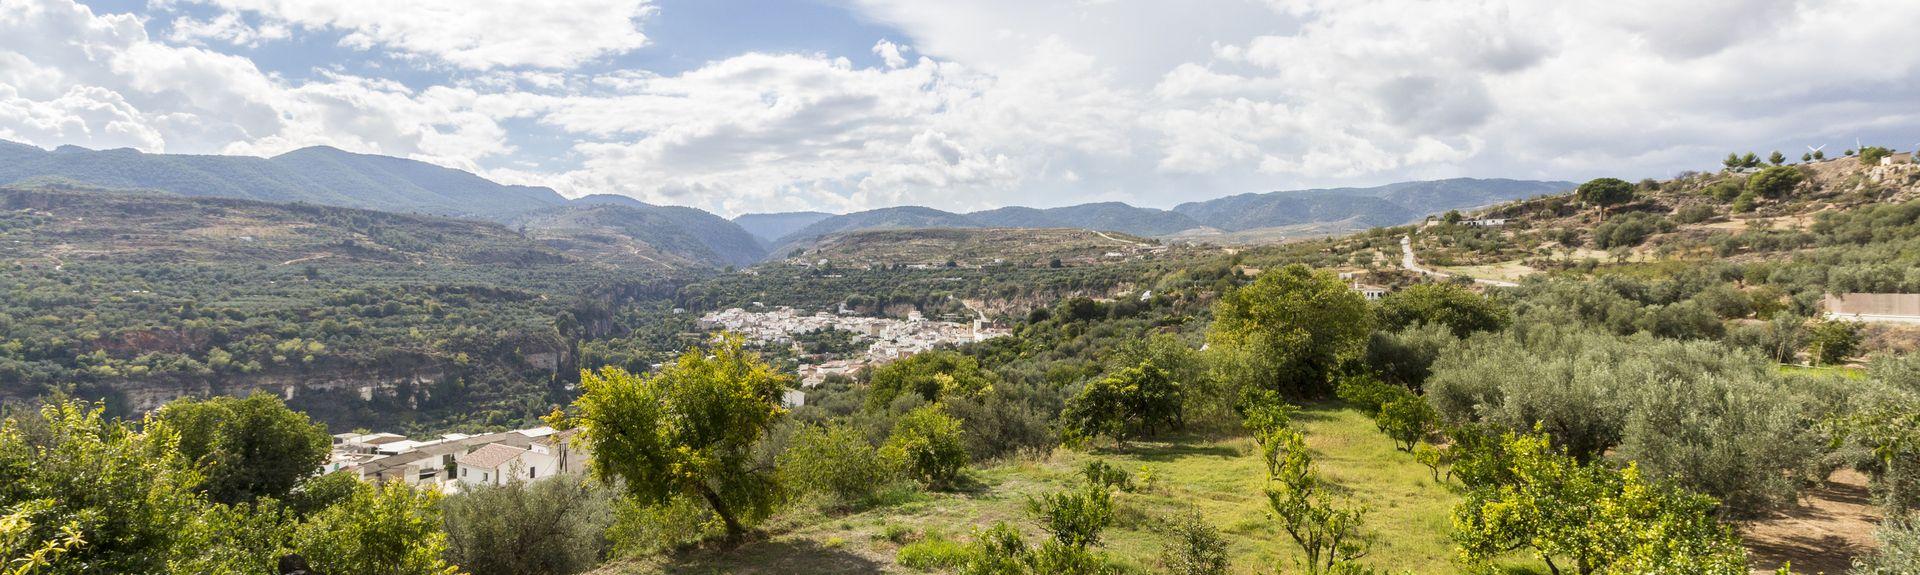 Cónchar, Andalusia, Spain